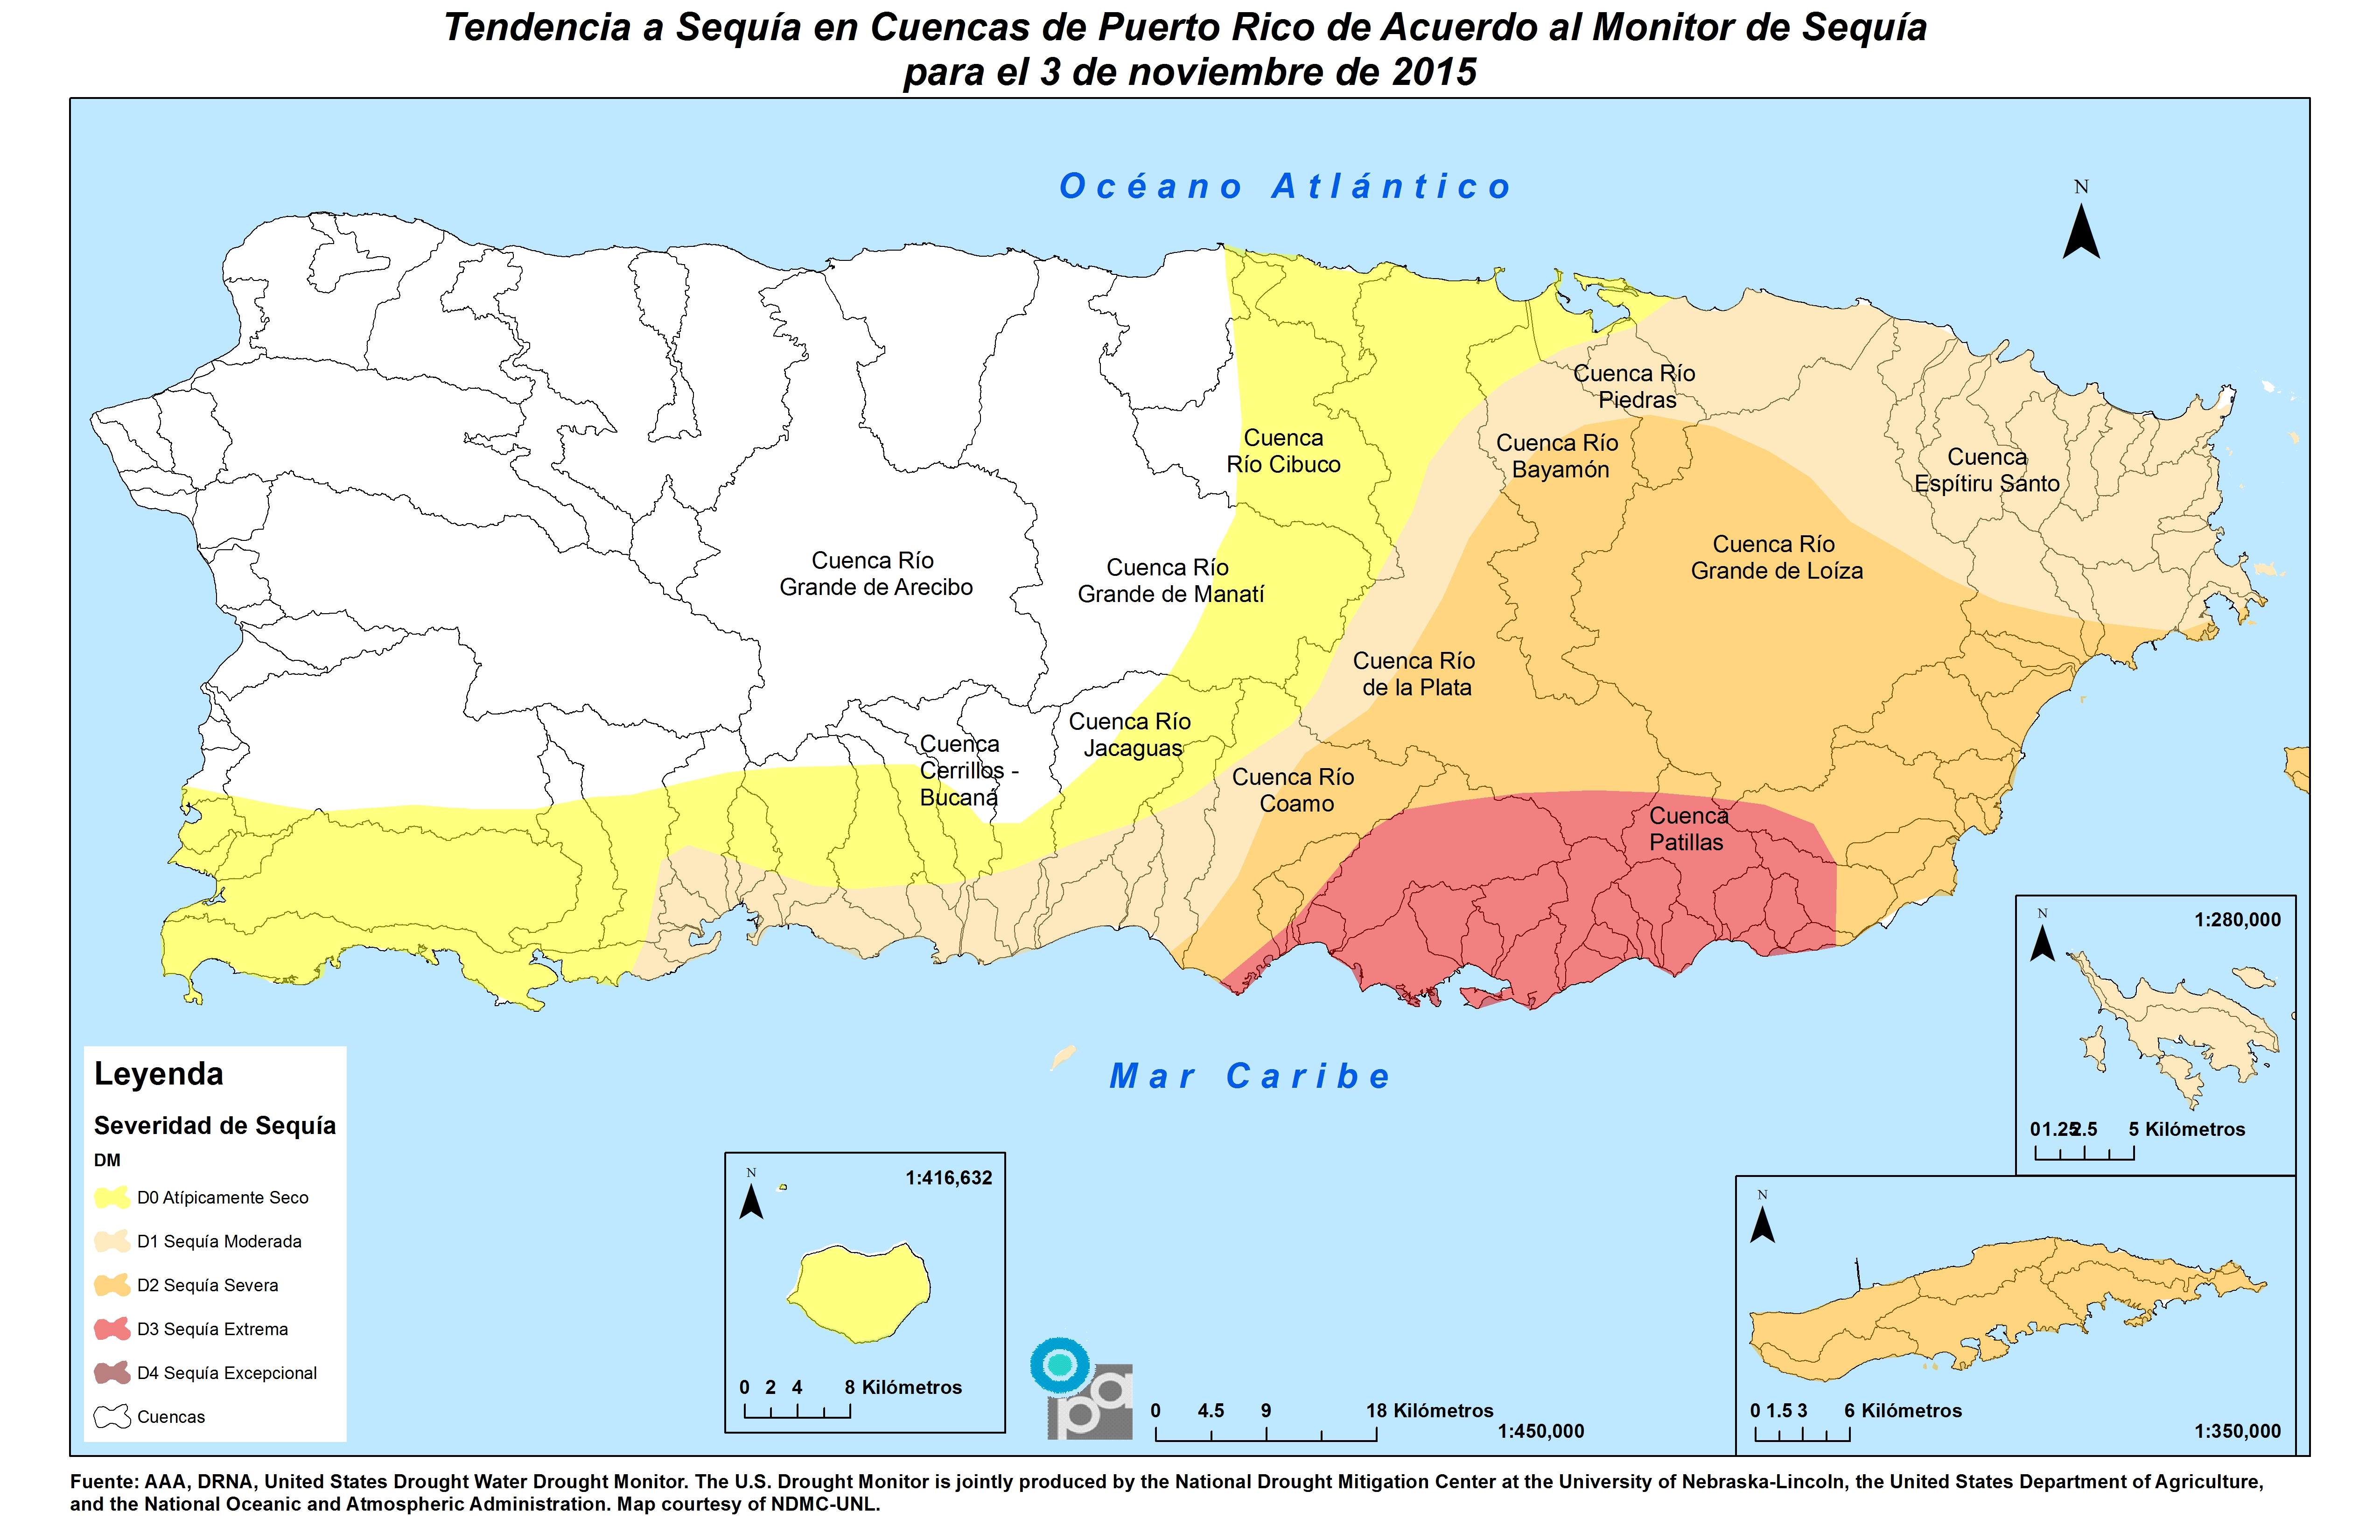 Mapa de cuencas al 5 de noviembre de 2015